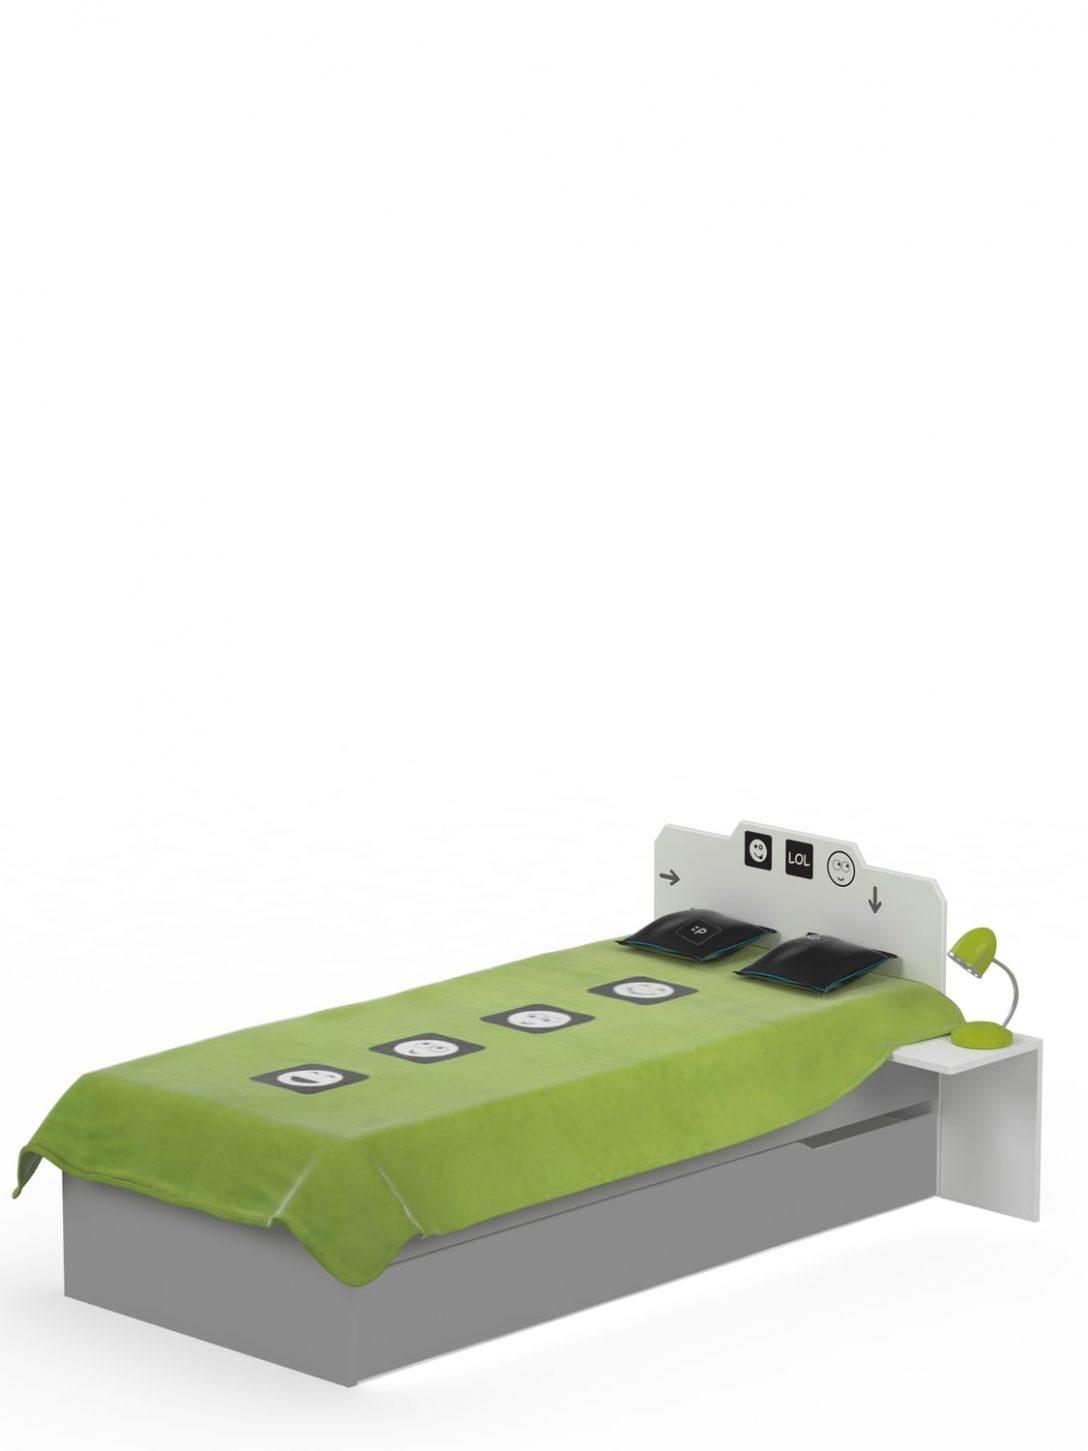 Large Size of Bett 120x200 Lol Meblik Günstige Betten 140x200 Weiß Jugend Tempur Trends Ikea 160x200 Coole Für Teenager Hohe Günstig Kaufen 180x200 Billerbeck Bock Bett Betten 120x200